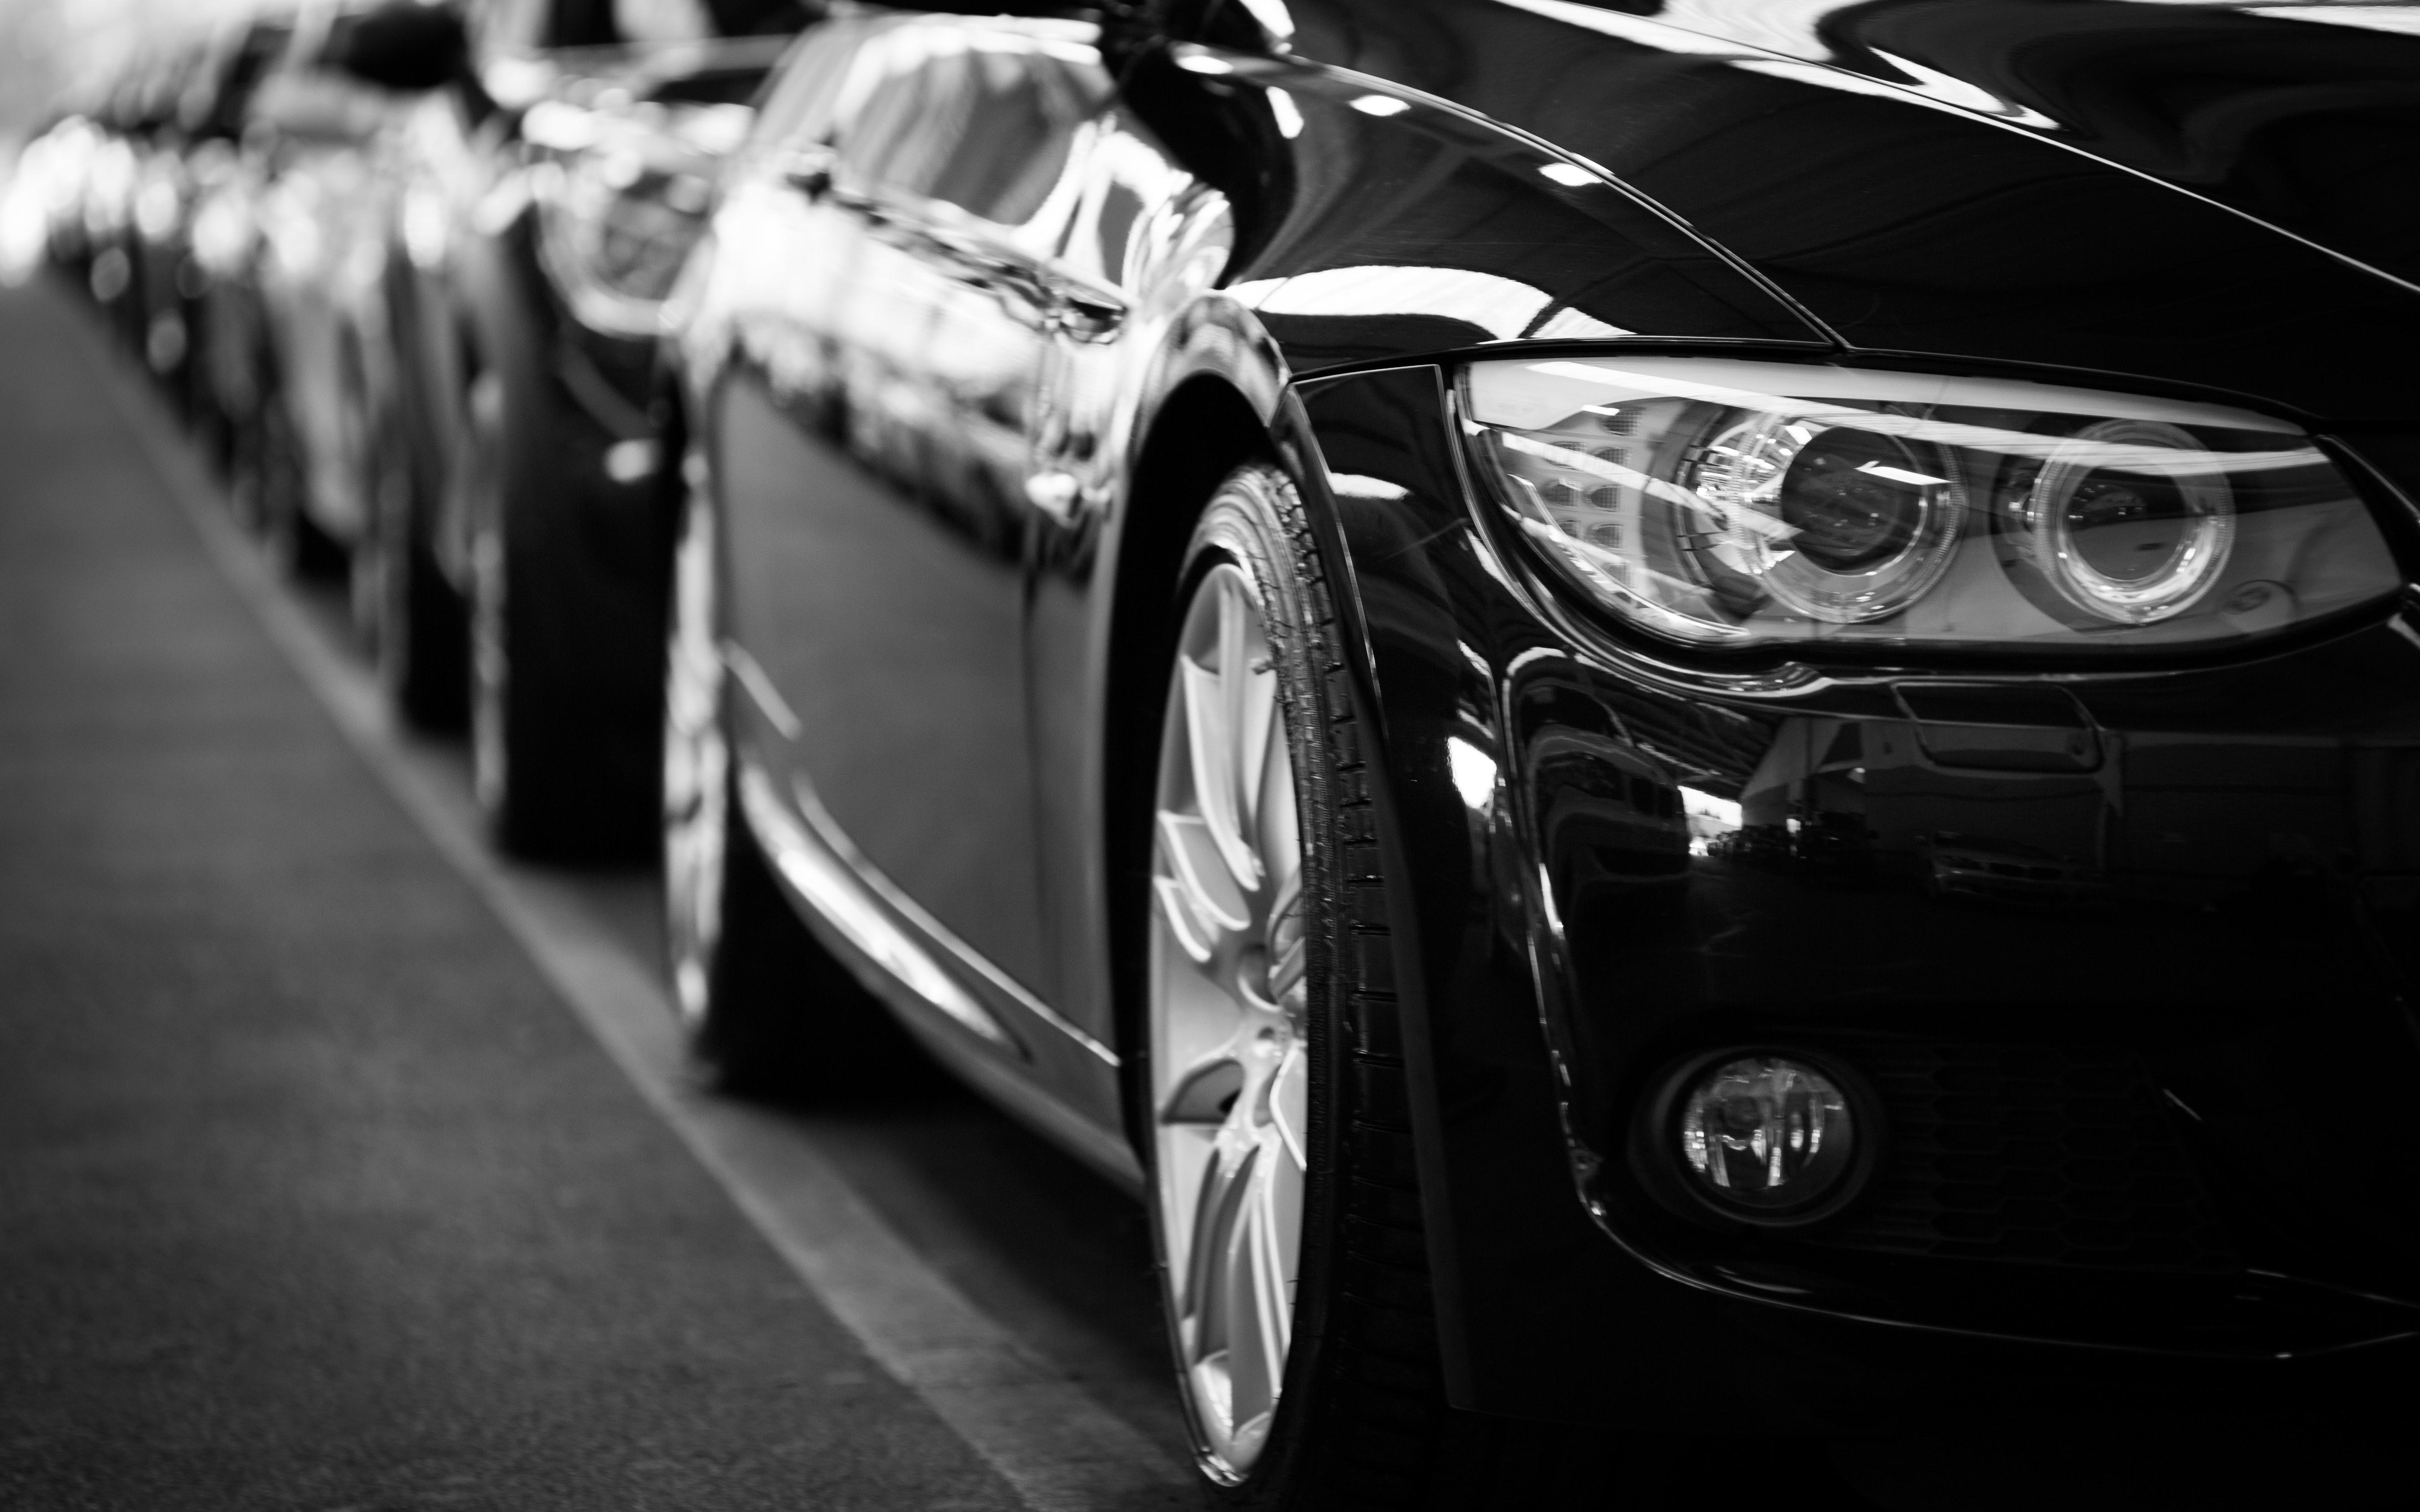 La gestione del parco veicoli